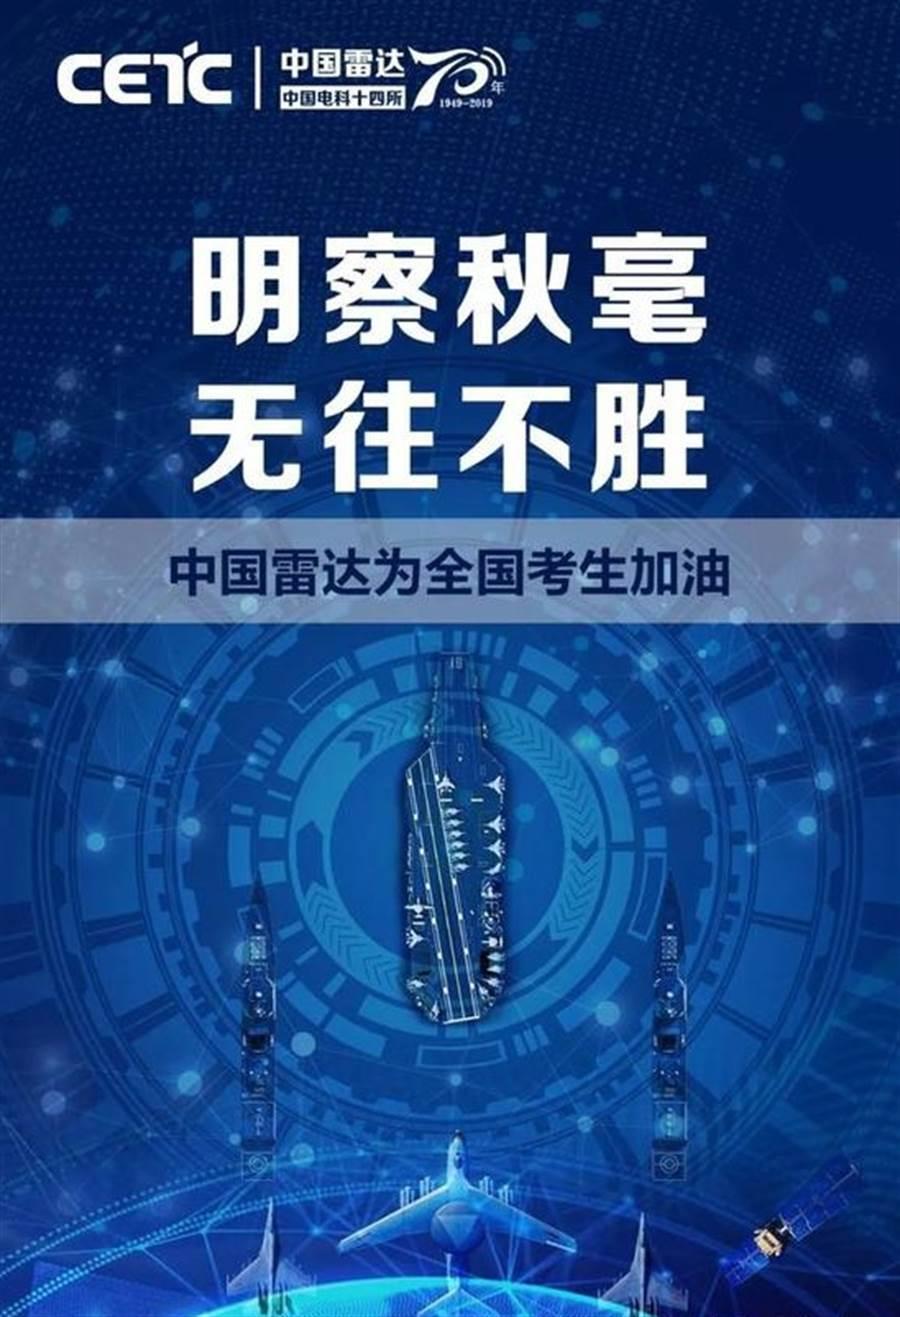 中國電科14所的宣傳海報。(中國電科14所)